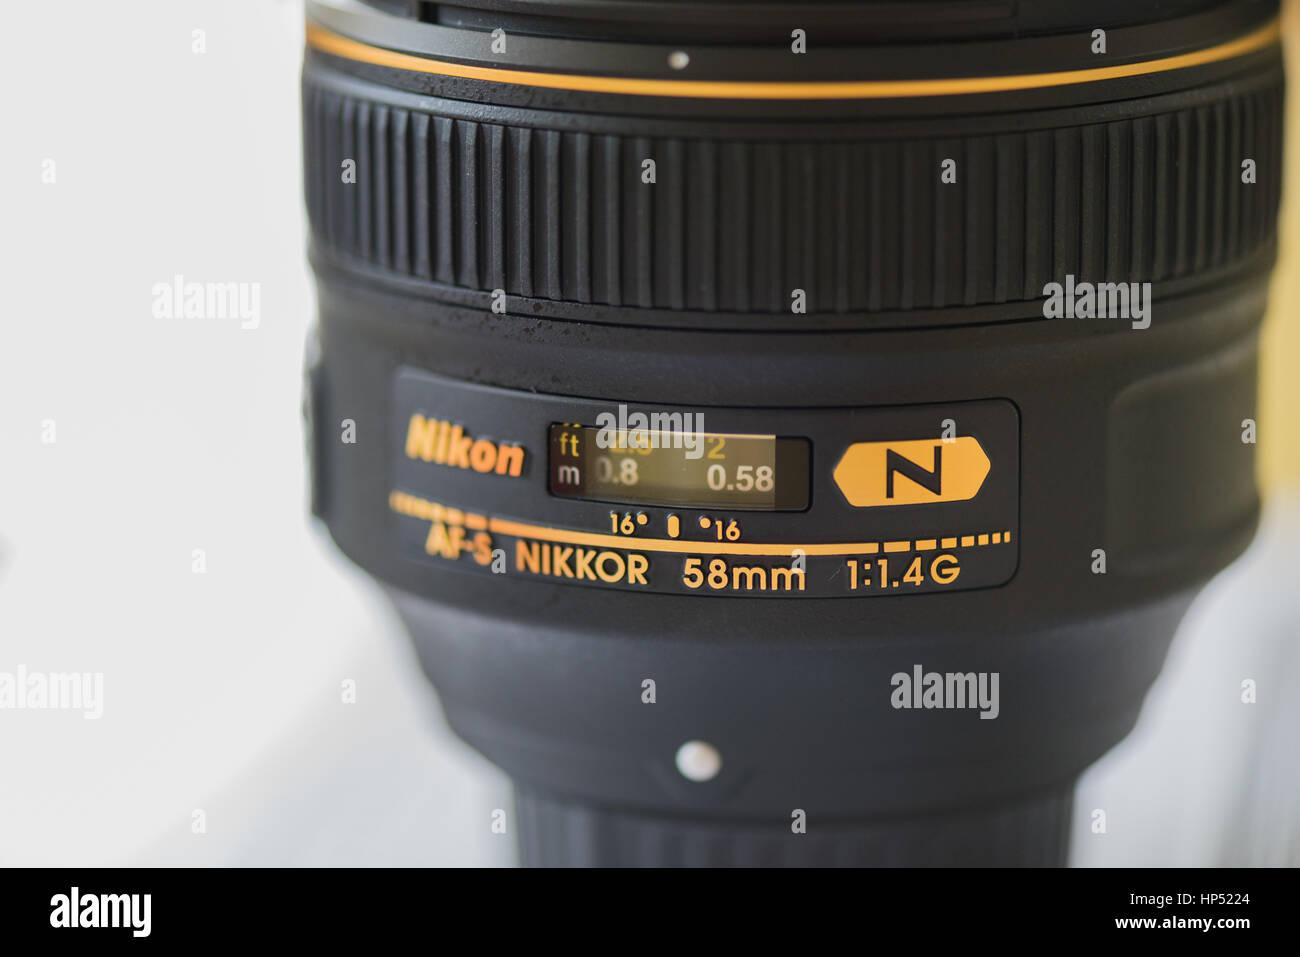 Nikon Nikkor AF-S 58mm f1.4G lens. - Stock Image